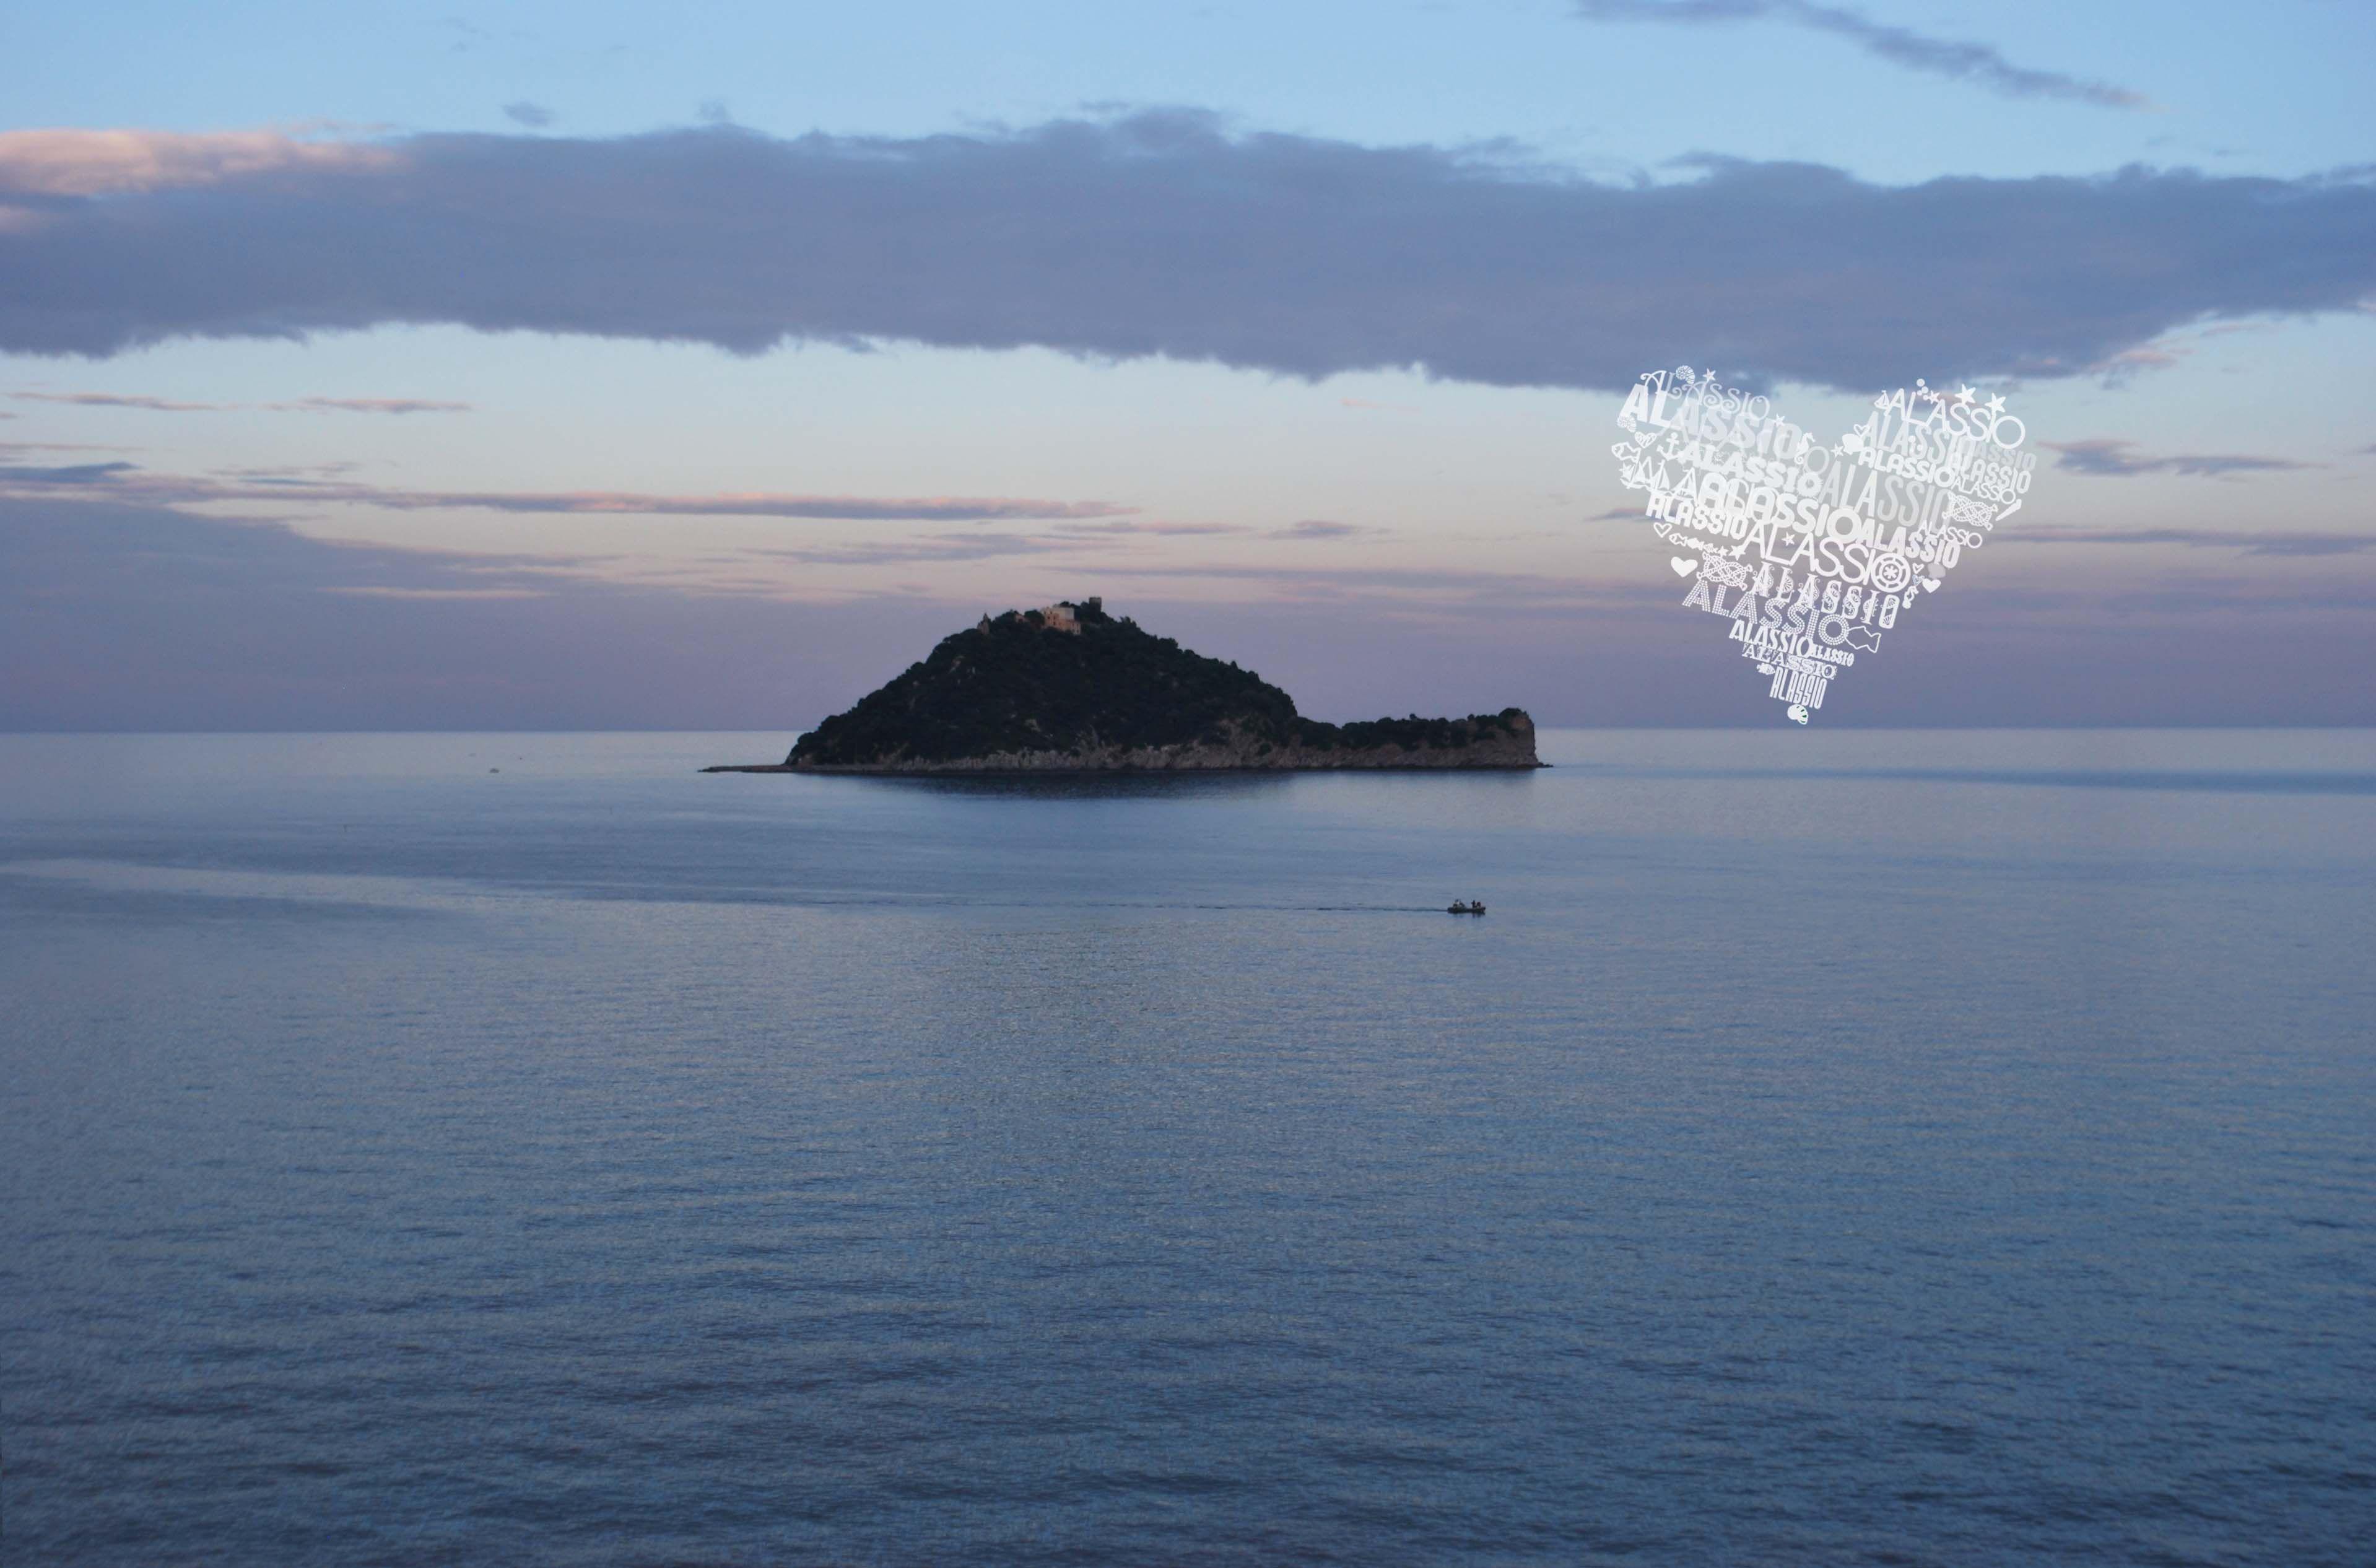 Ufficio Turismo In Alassio : Monteregge torna all urp di alassio per tutto il savonanews